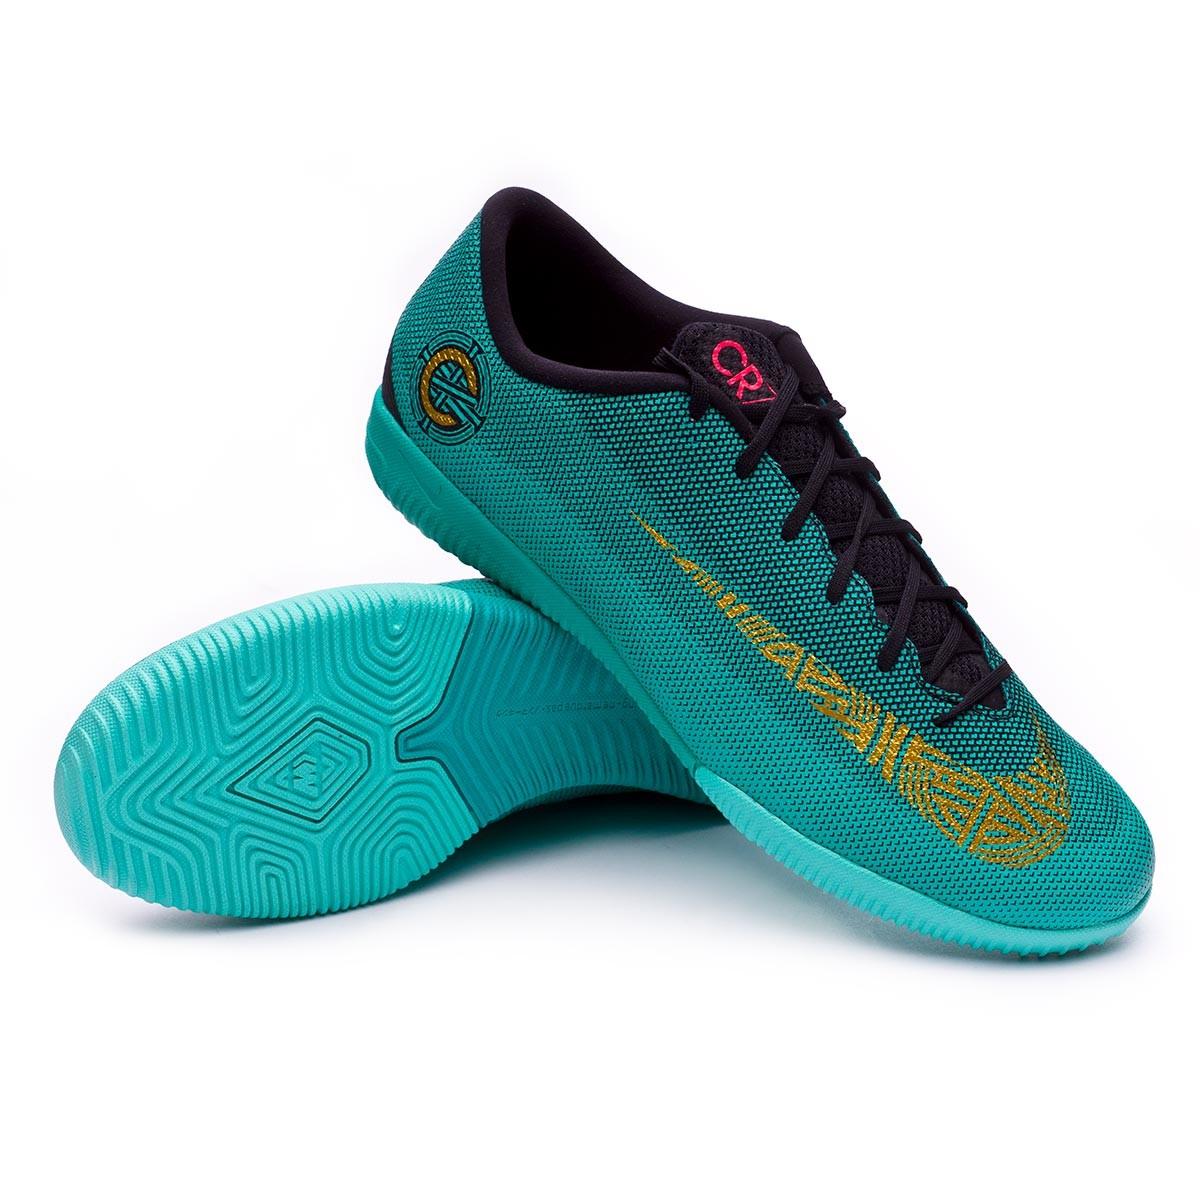 d13f45d2c70ba Futsal Boot Nike Mercurial VaporX XII Academy CR7 IC Clear jade ...